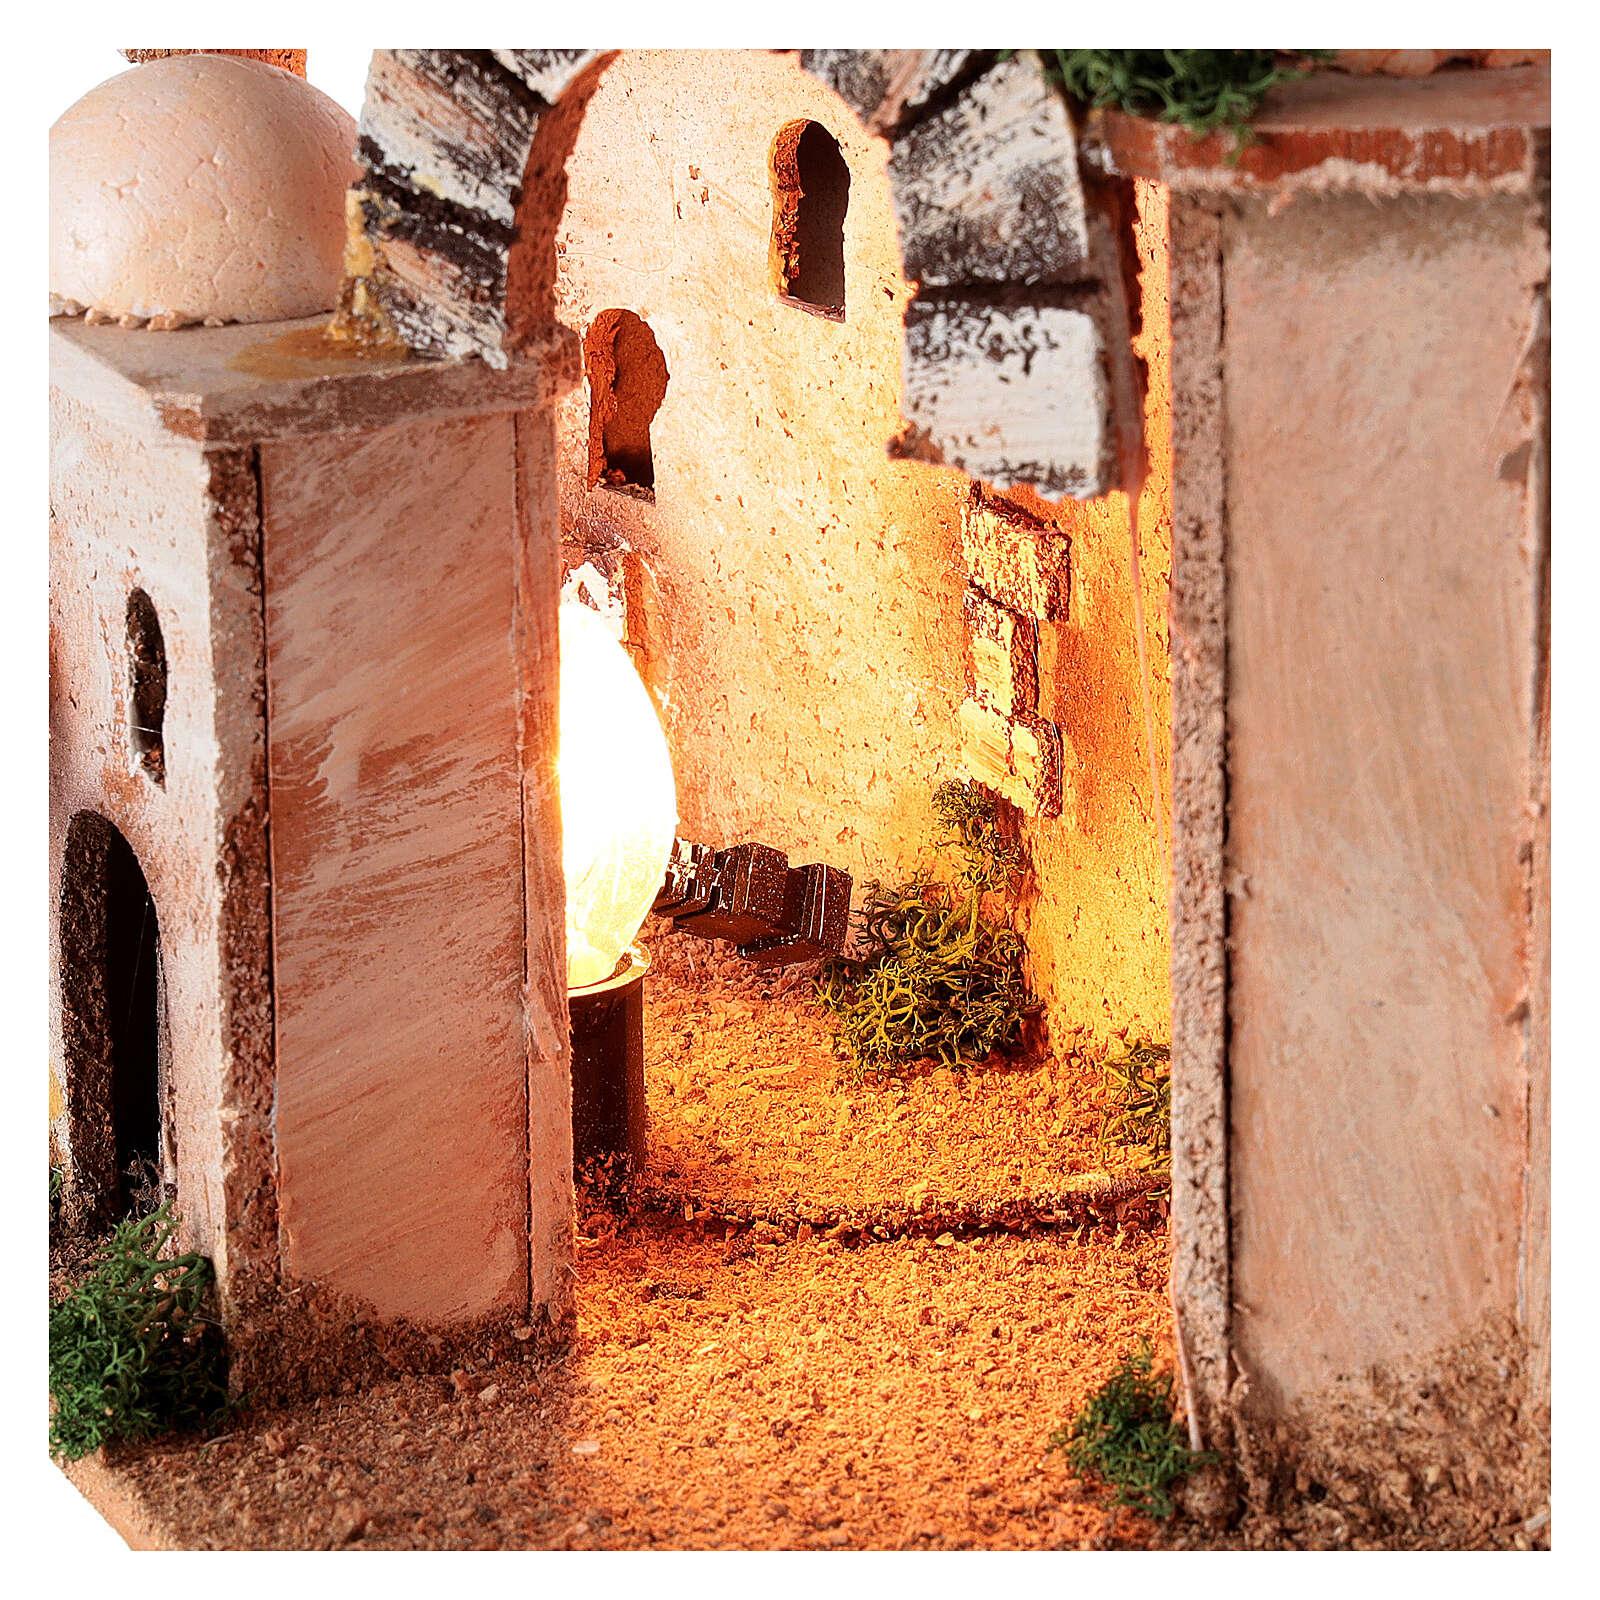 Ambientazione minareto illuminato presepe 4-6 cm 15x20x15 cm 4